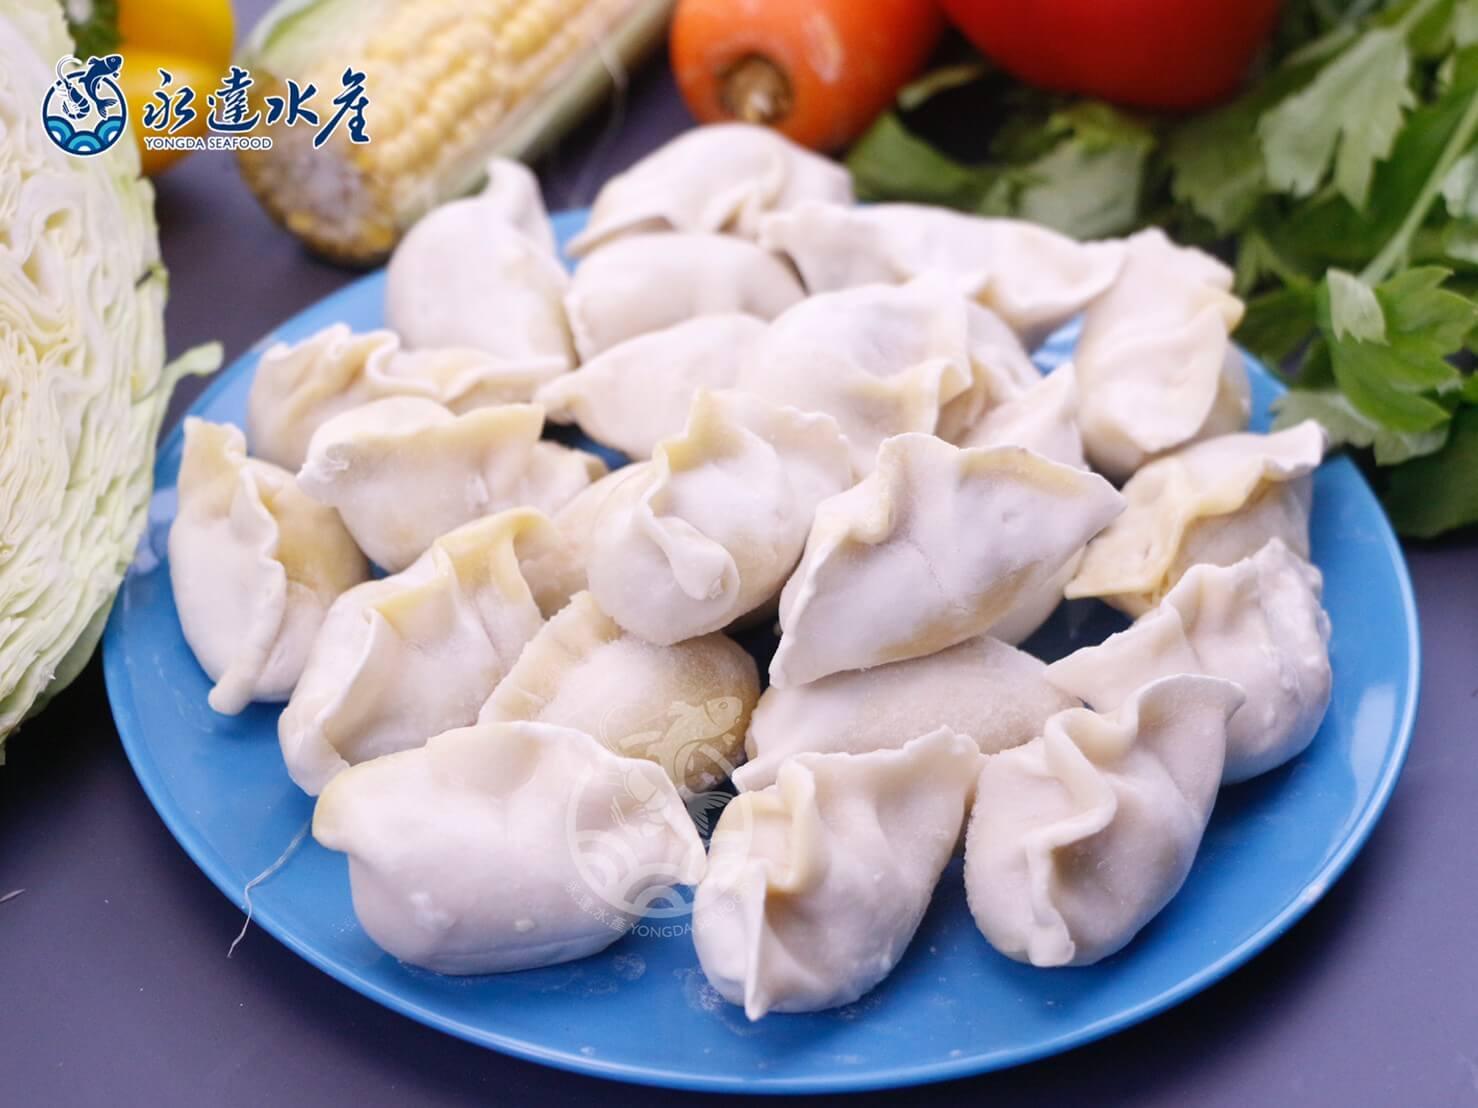 食品|蔥媽媽鮮蔬水餃|鮮蔬水餃|高麗菜水餃|素食水餃|水餃|素食